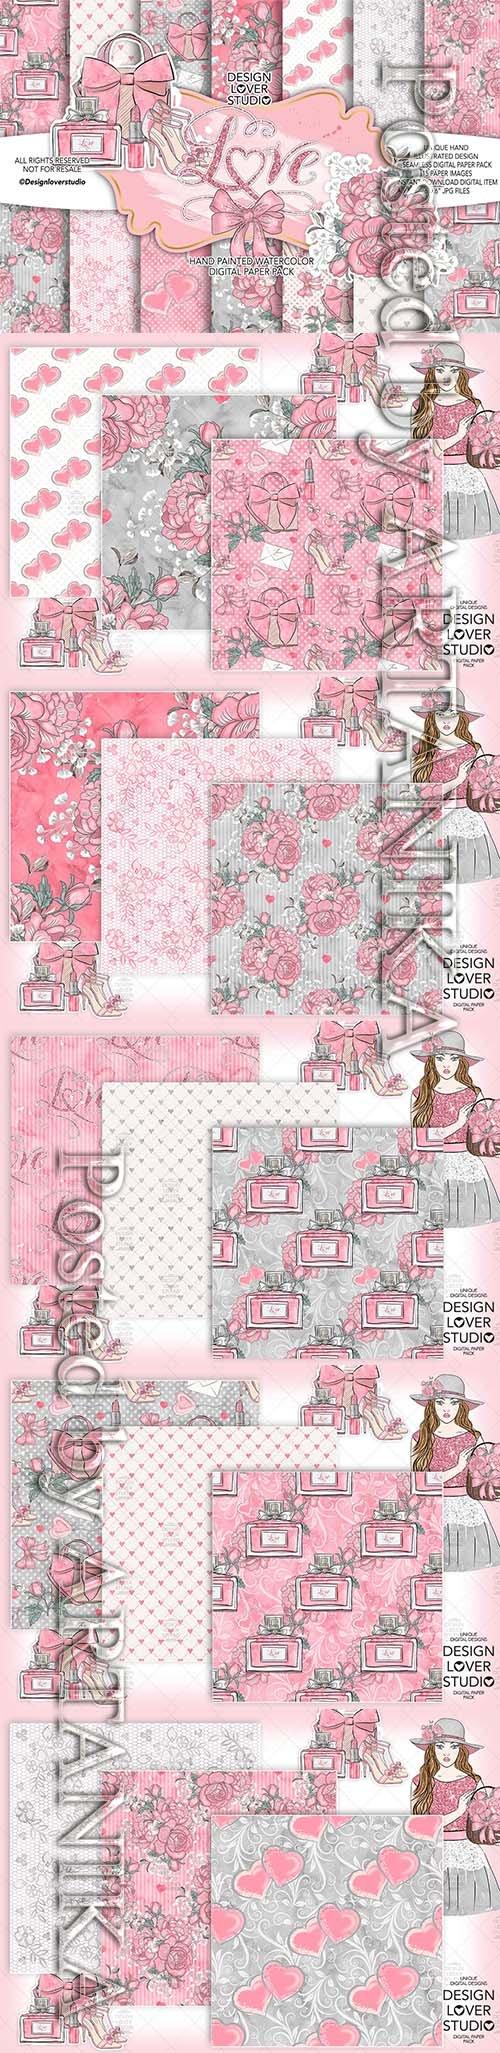 Loving Heart digital paper pack